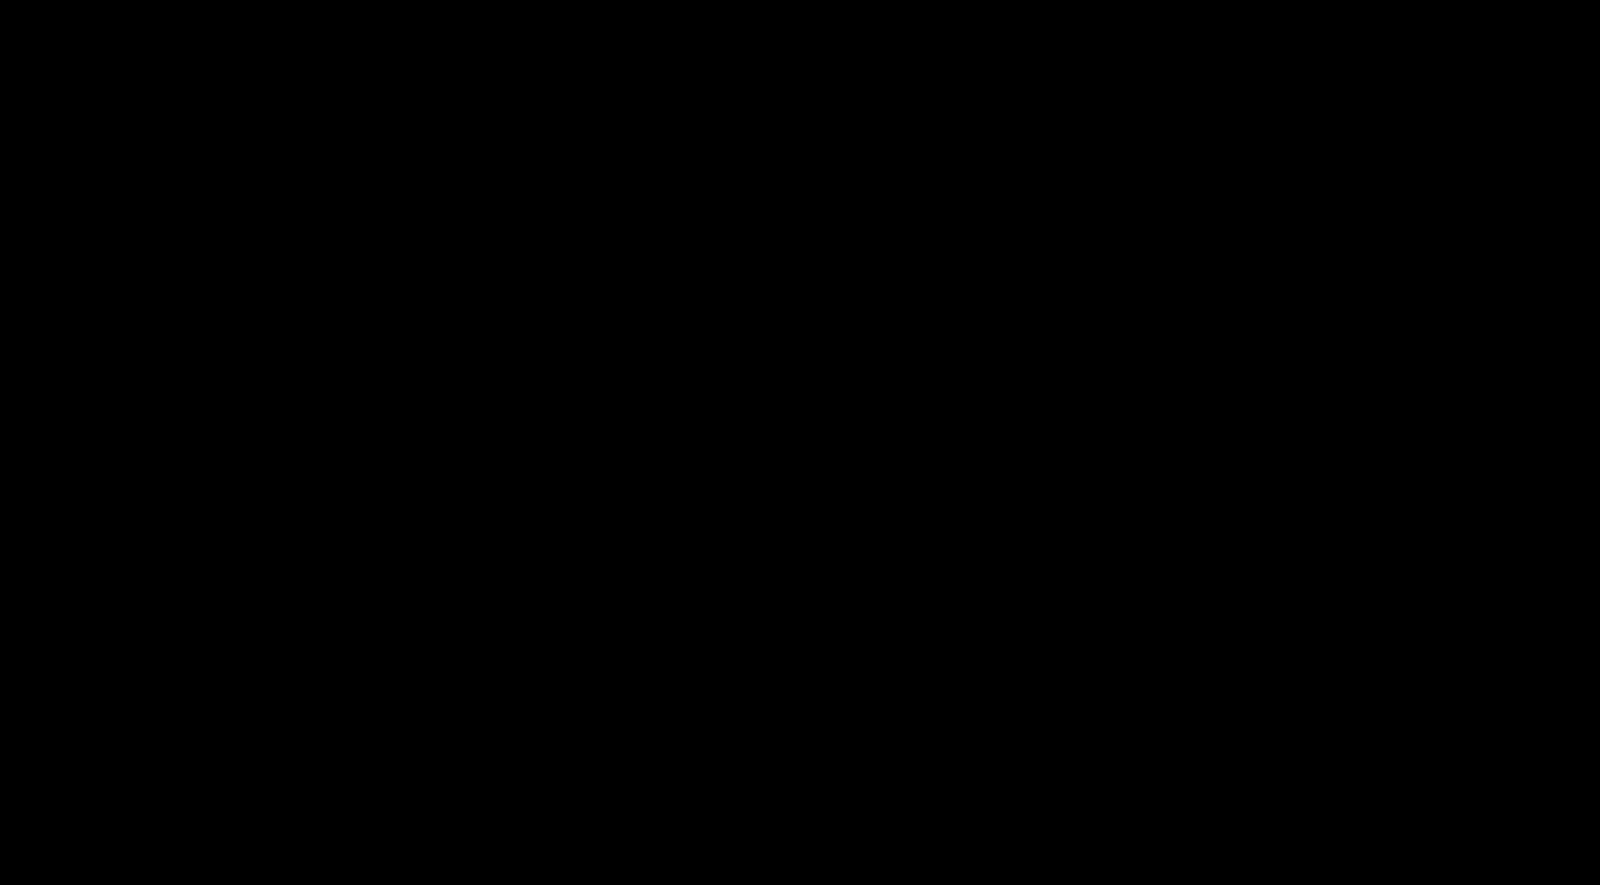 Mr Clipart Font Mr Font Transparent Free For Download On